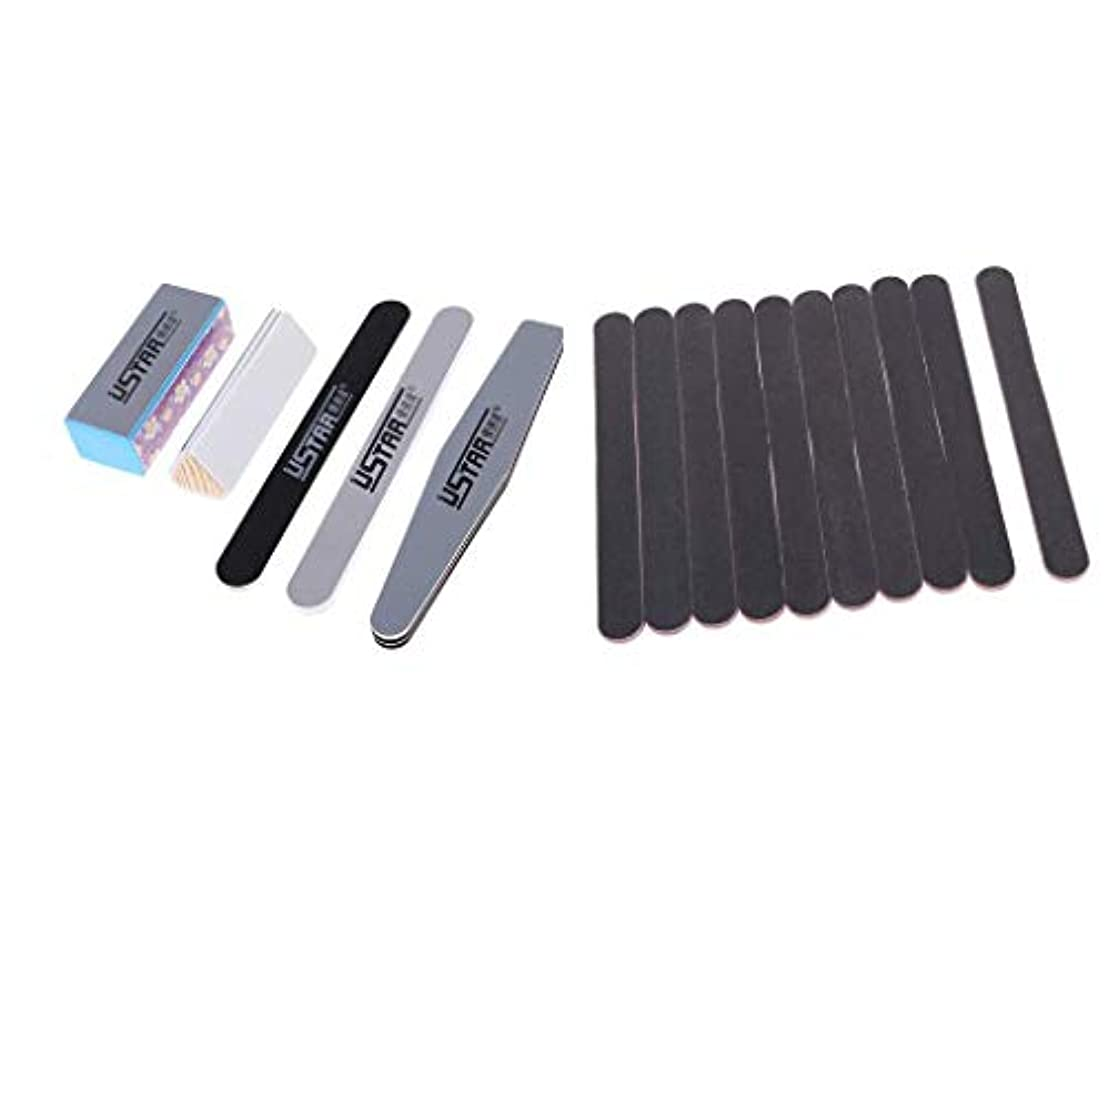 感嘆さびた装備する15個のDIYモデル研磨ツールセット研磨スティックを構築するための研磨スティックセット